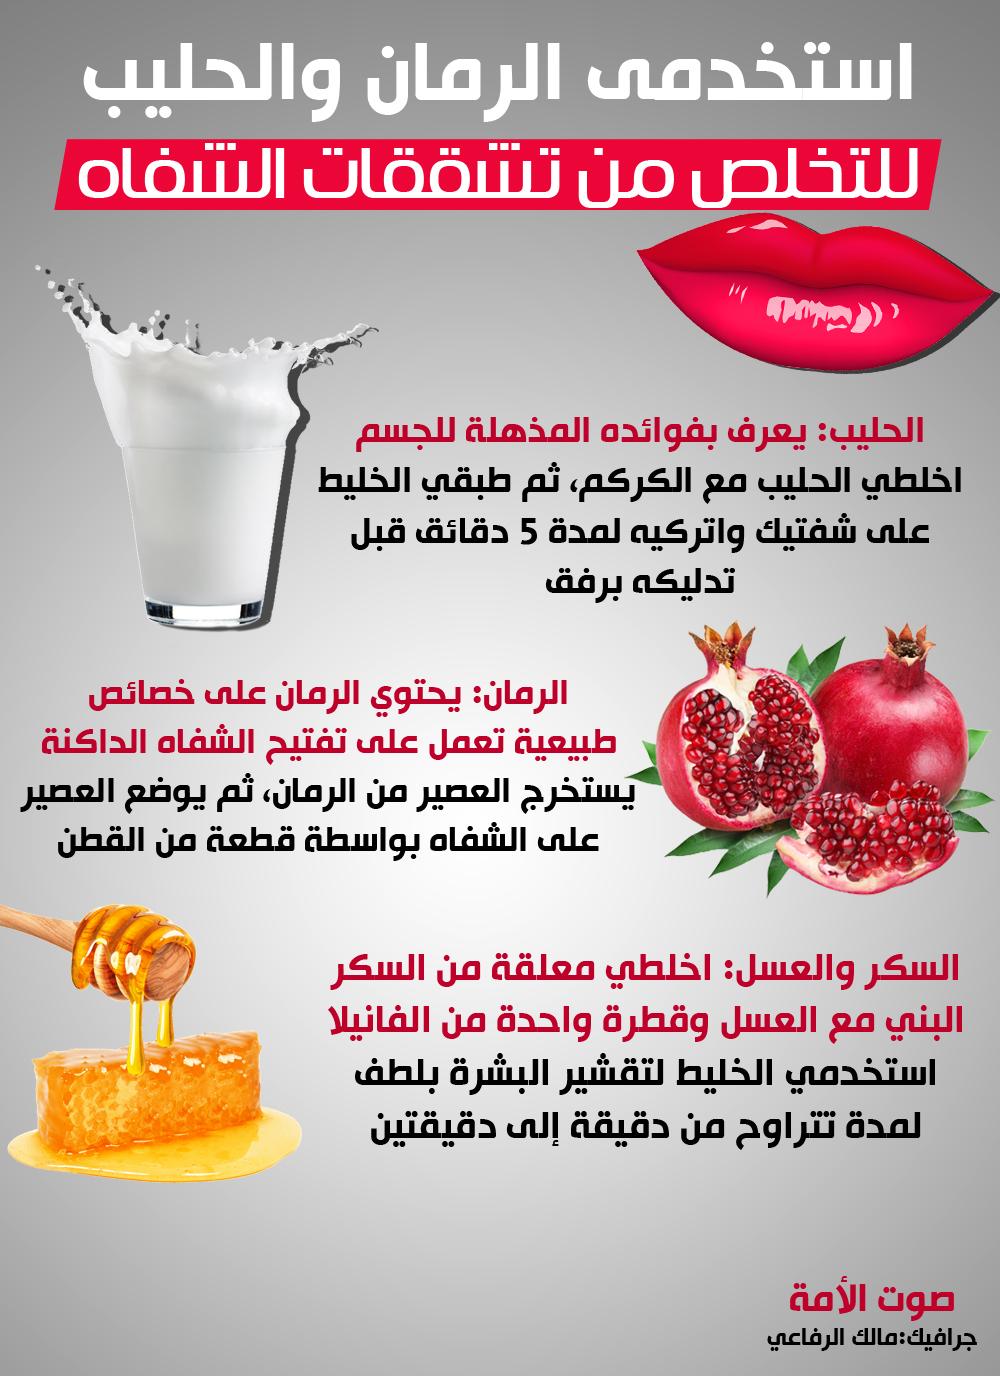 استخدمى الرمان والحليب للتخلص من تشققات الشفاه فى فصل الشتاء